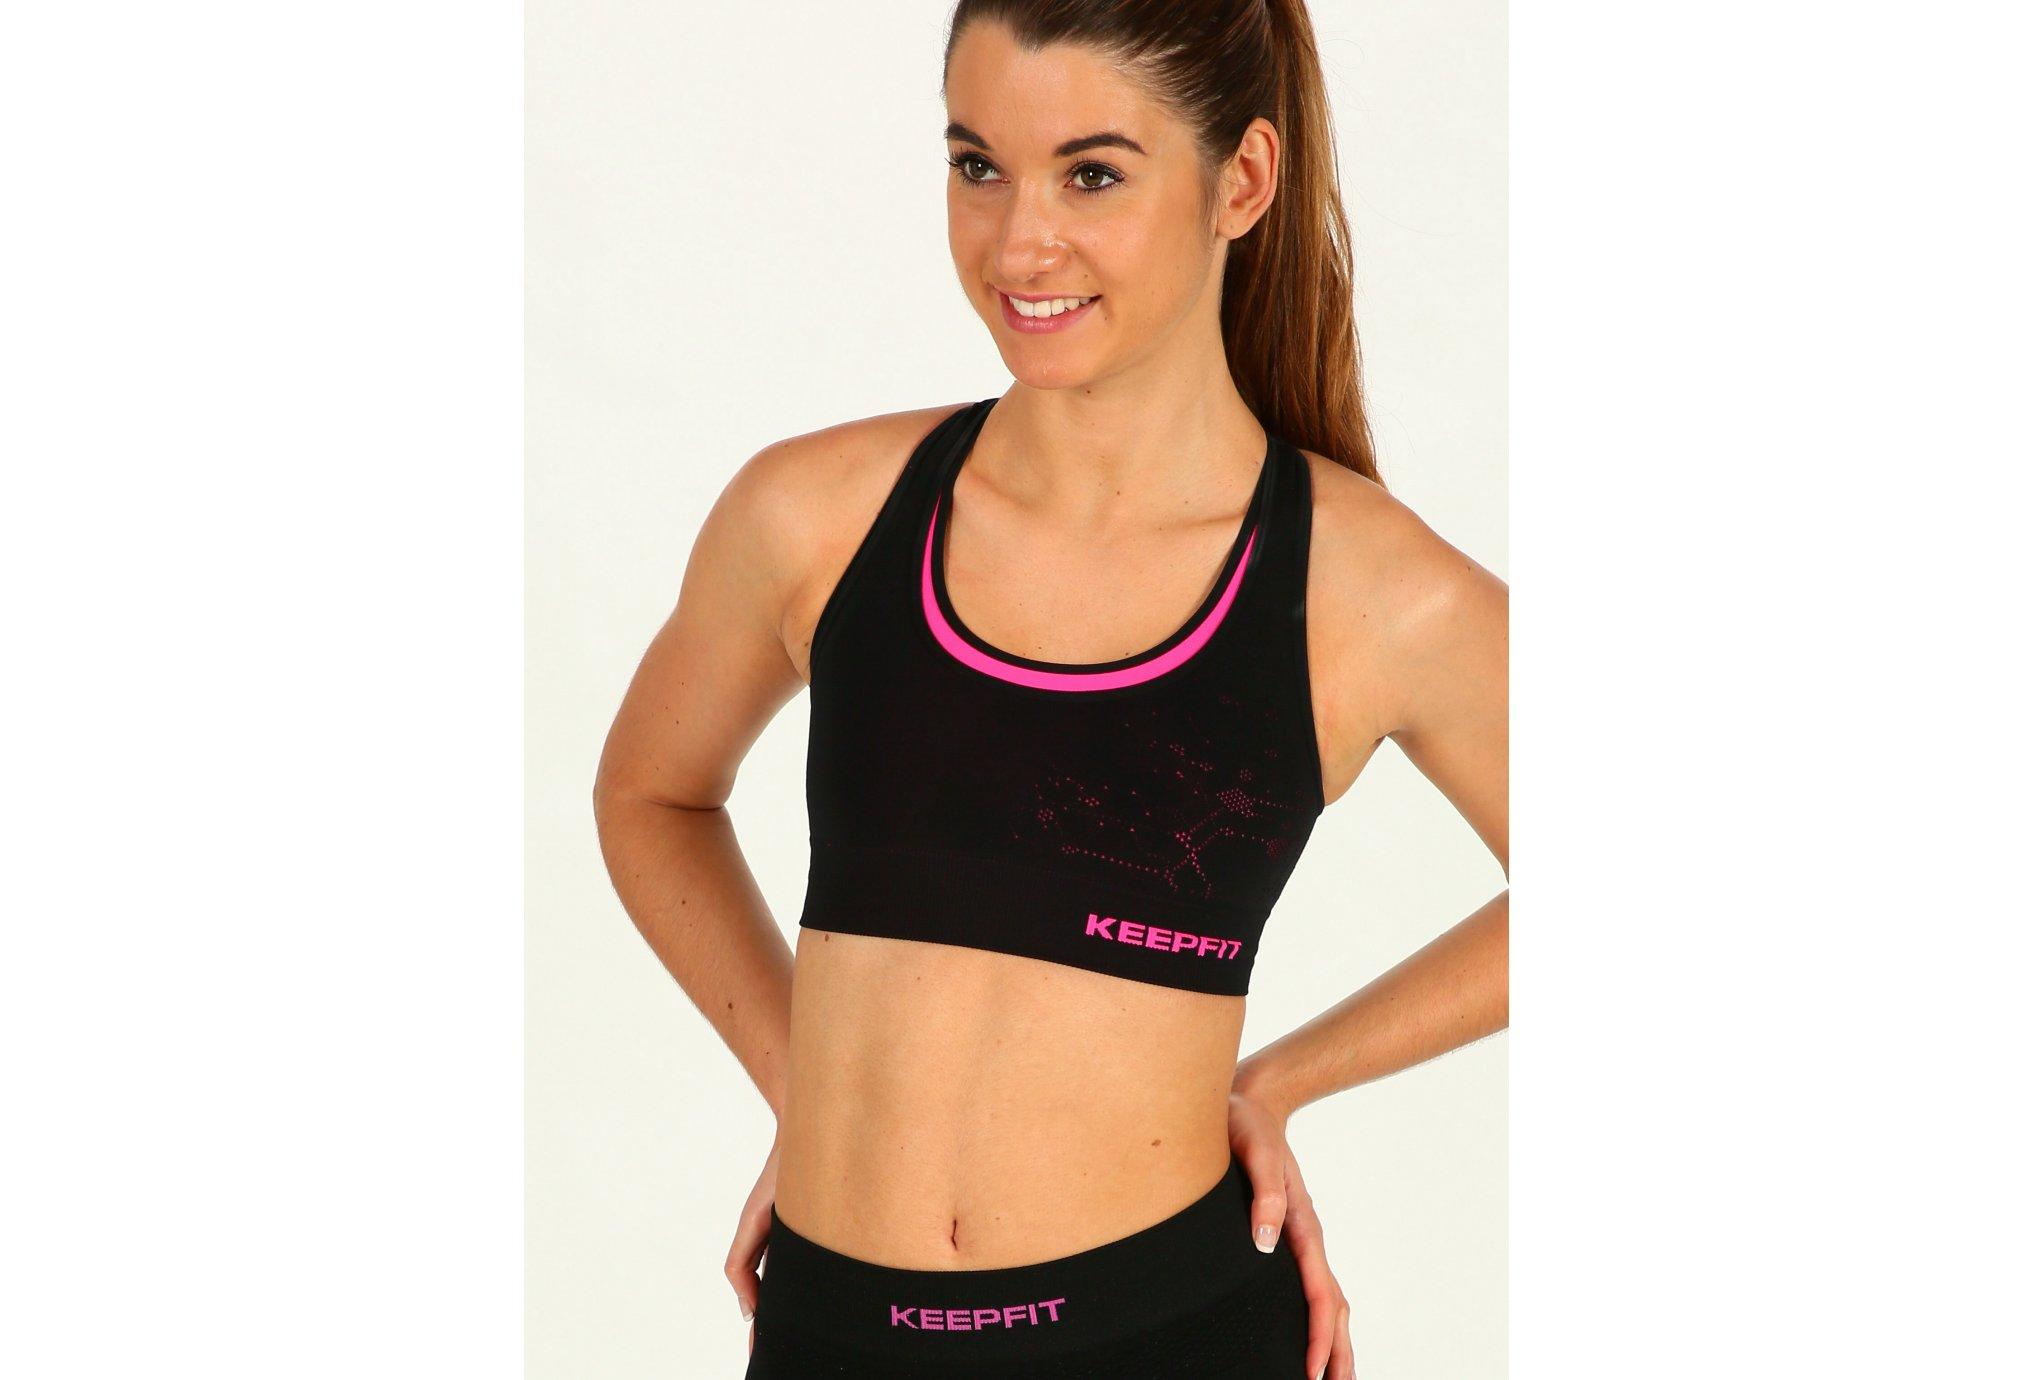 BV Sport Double Keepfit vêtement running femme